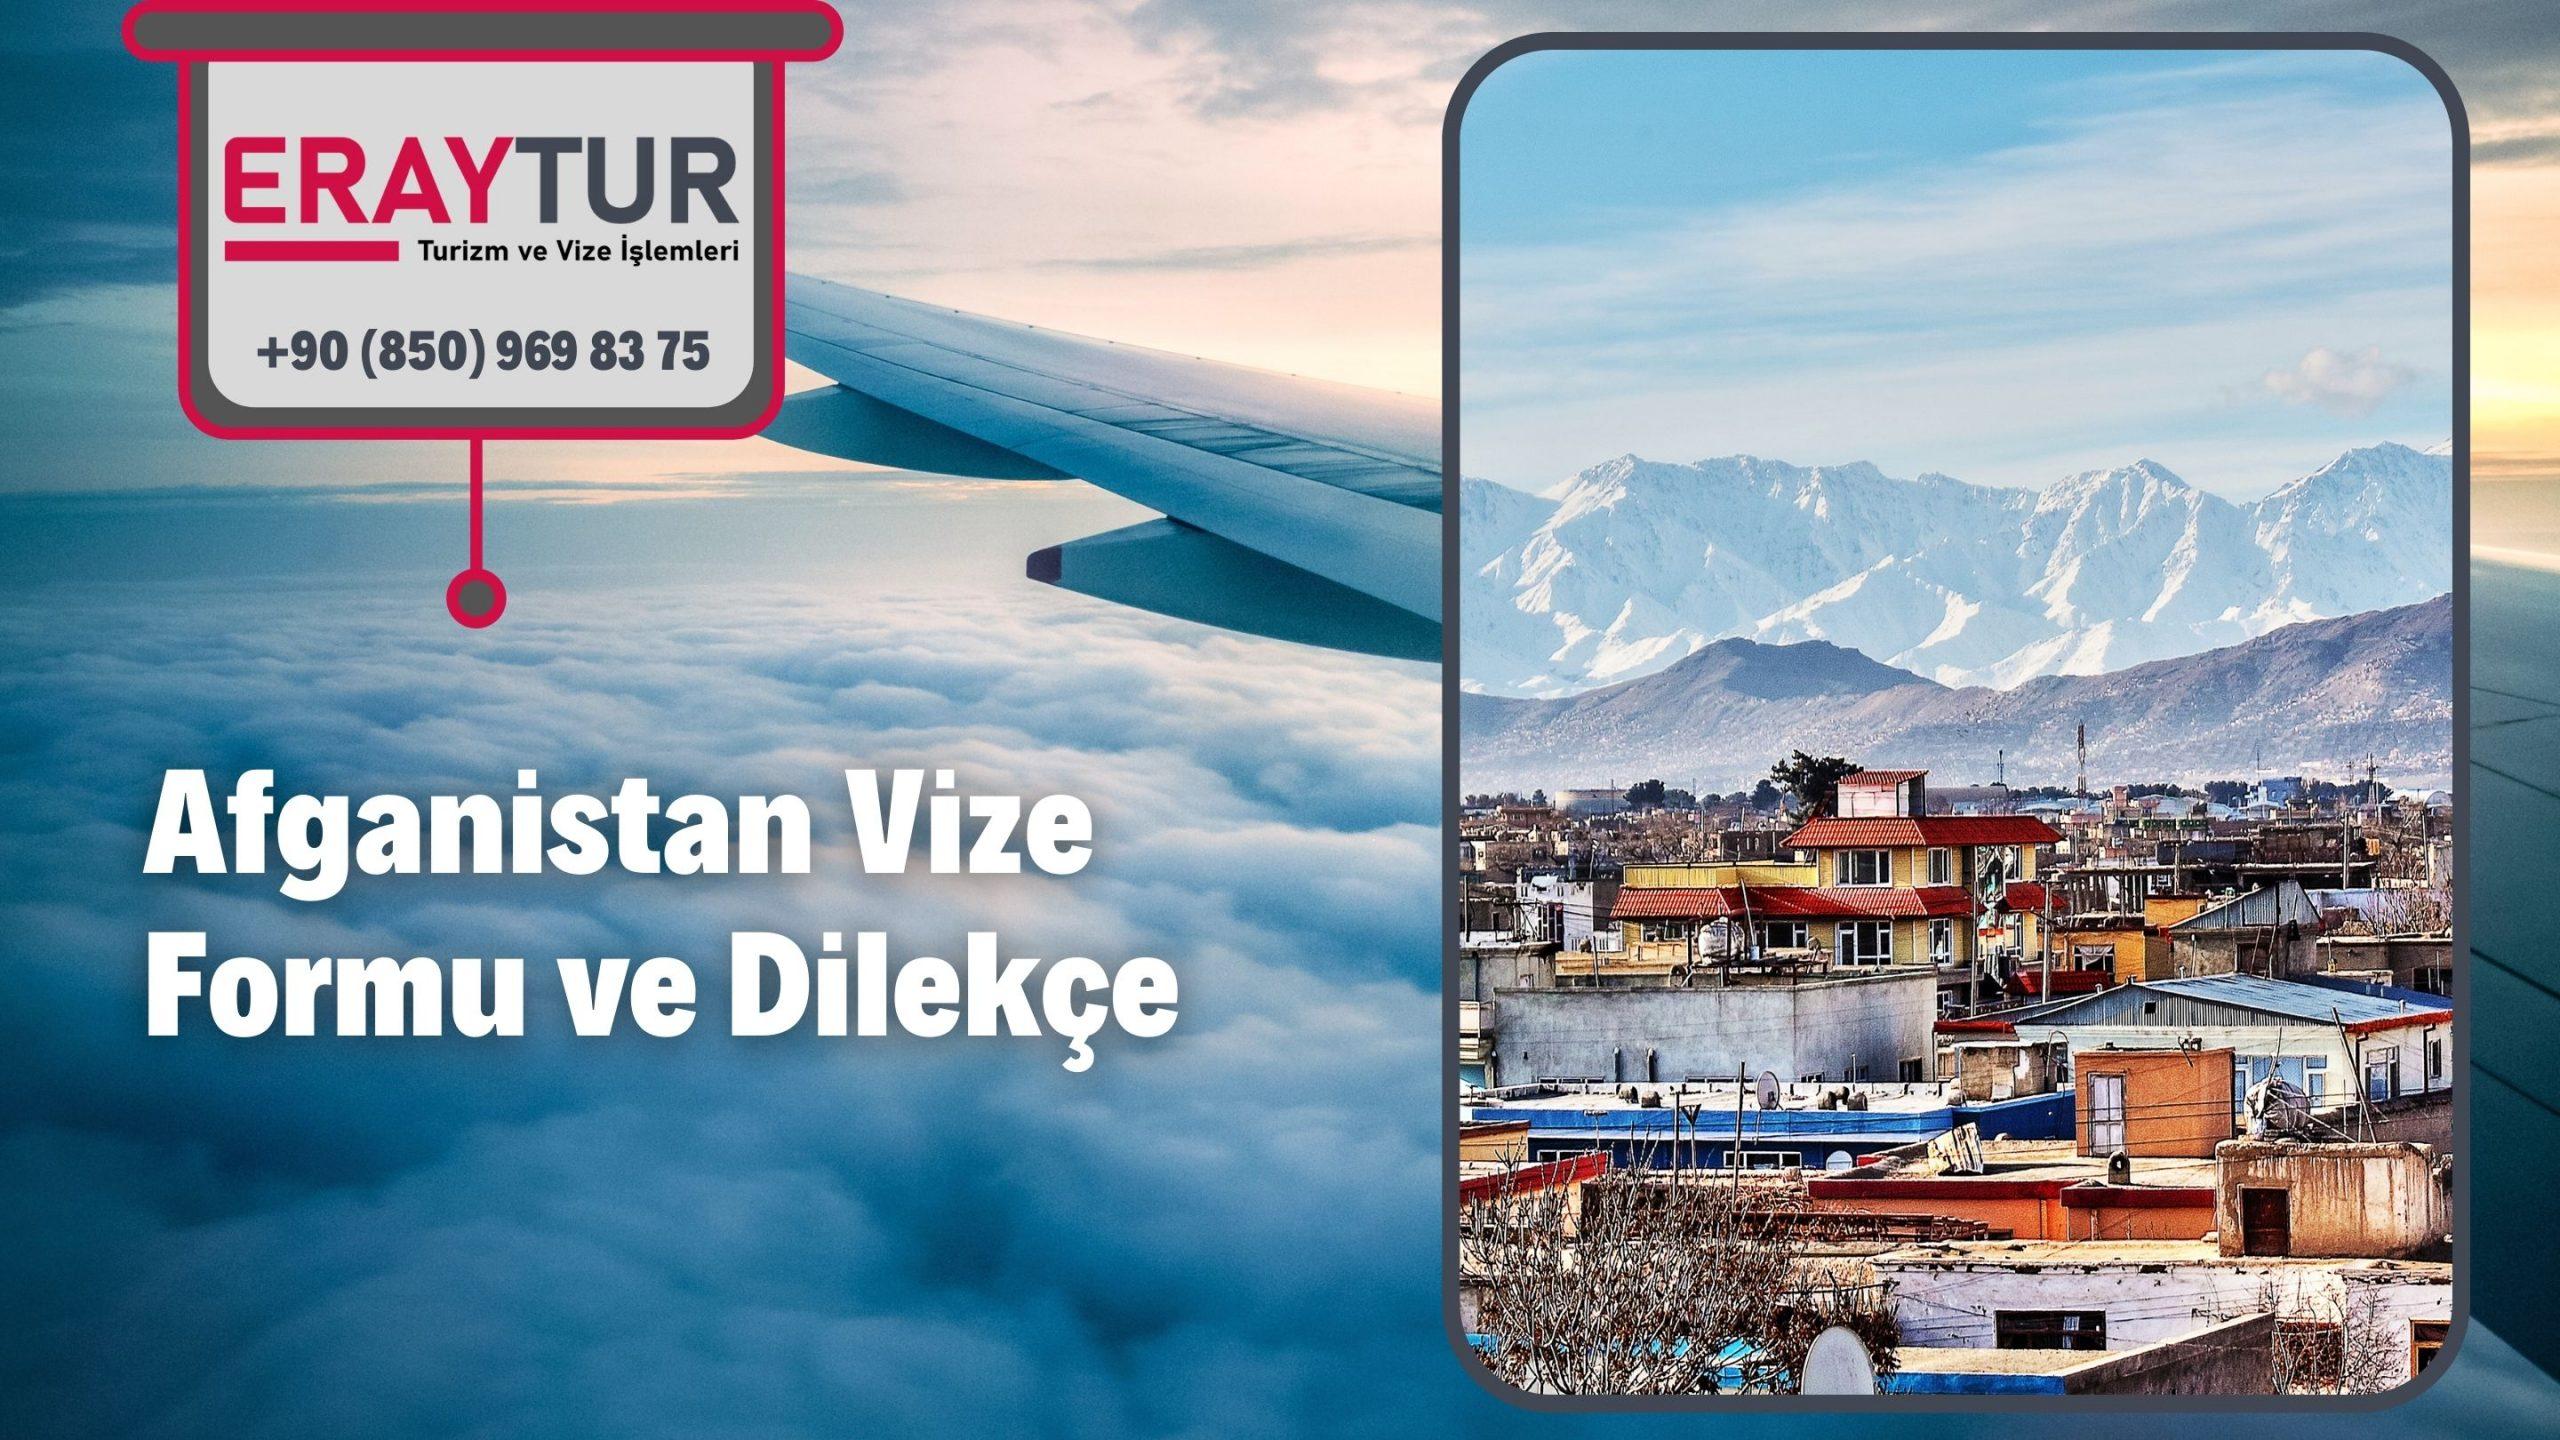 Afganistan Vize Formu ve Dilekçe 1 – afganistan vize formu ve dilekce 1 scaled